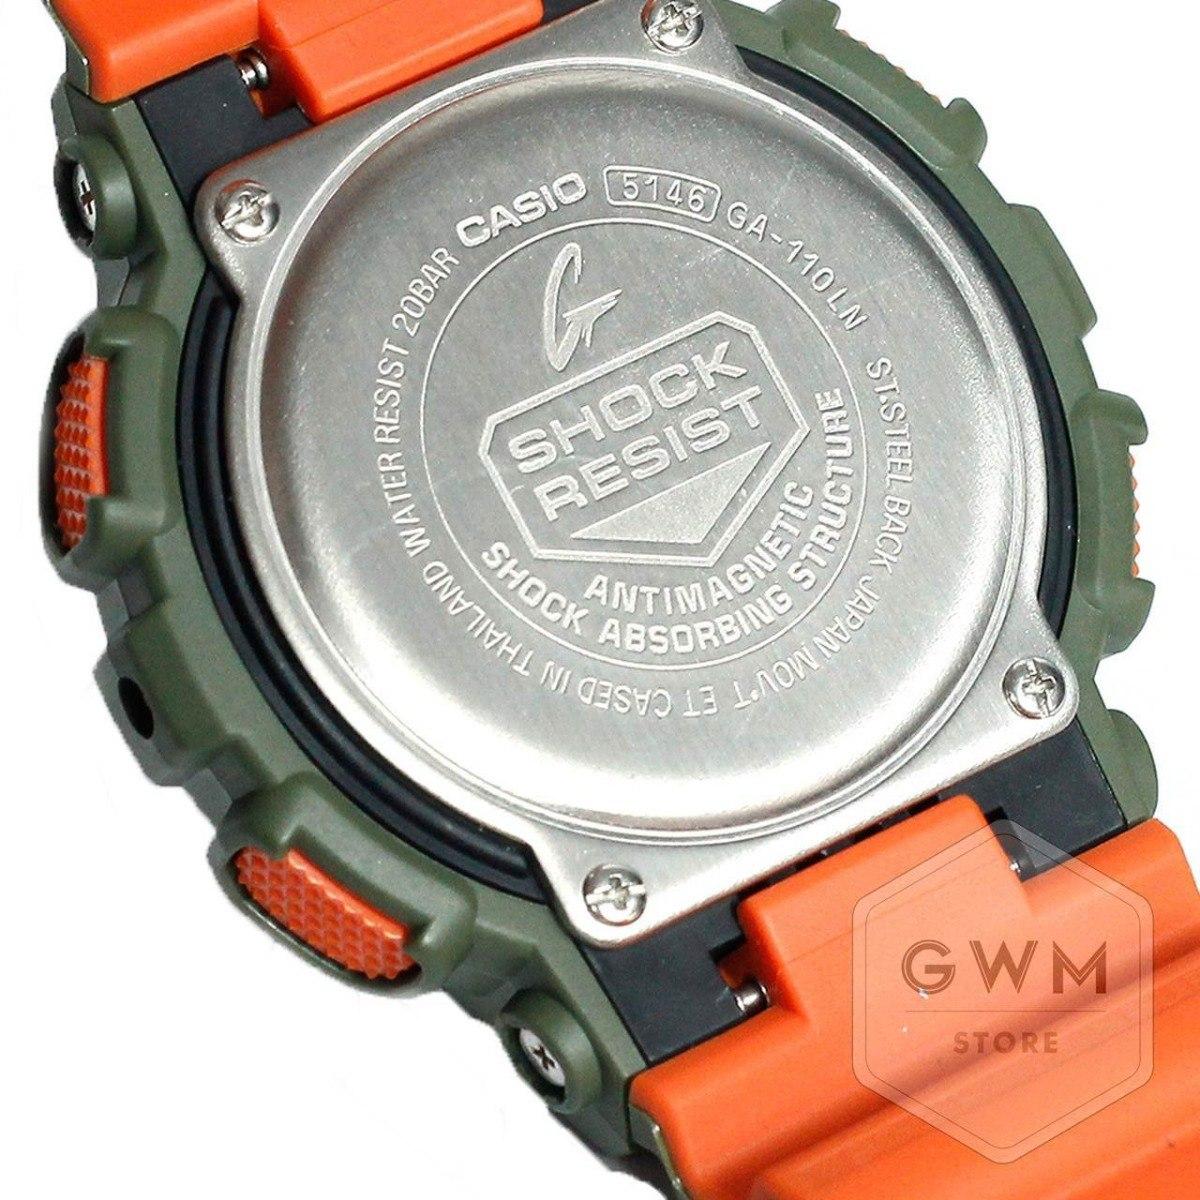 2f13292efa56 reloj casio g-shock ga110ln-3a en stock original y genuino. Cargando zoom.